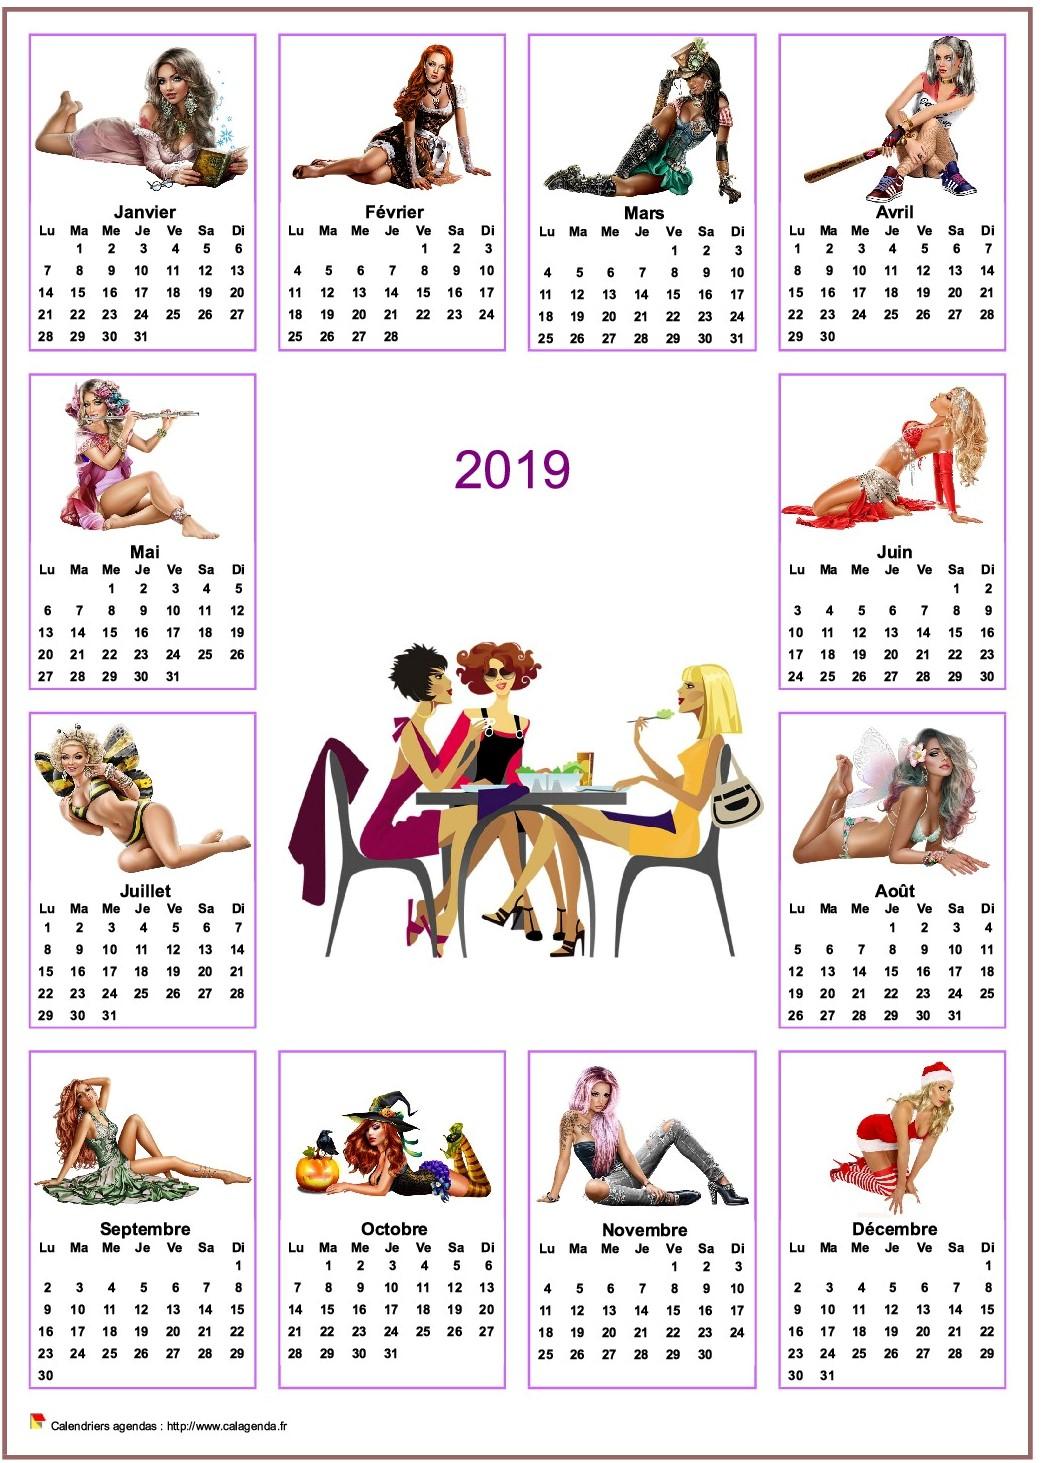 Calendrier annuel tubes femmes